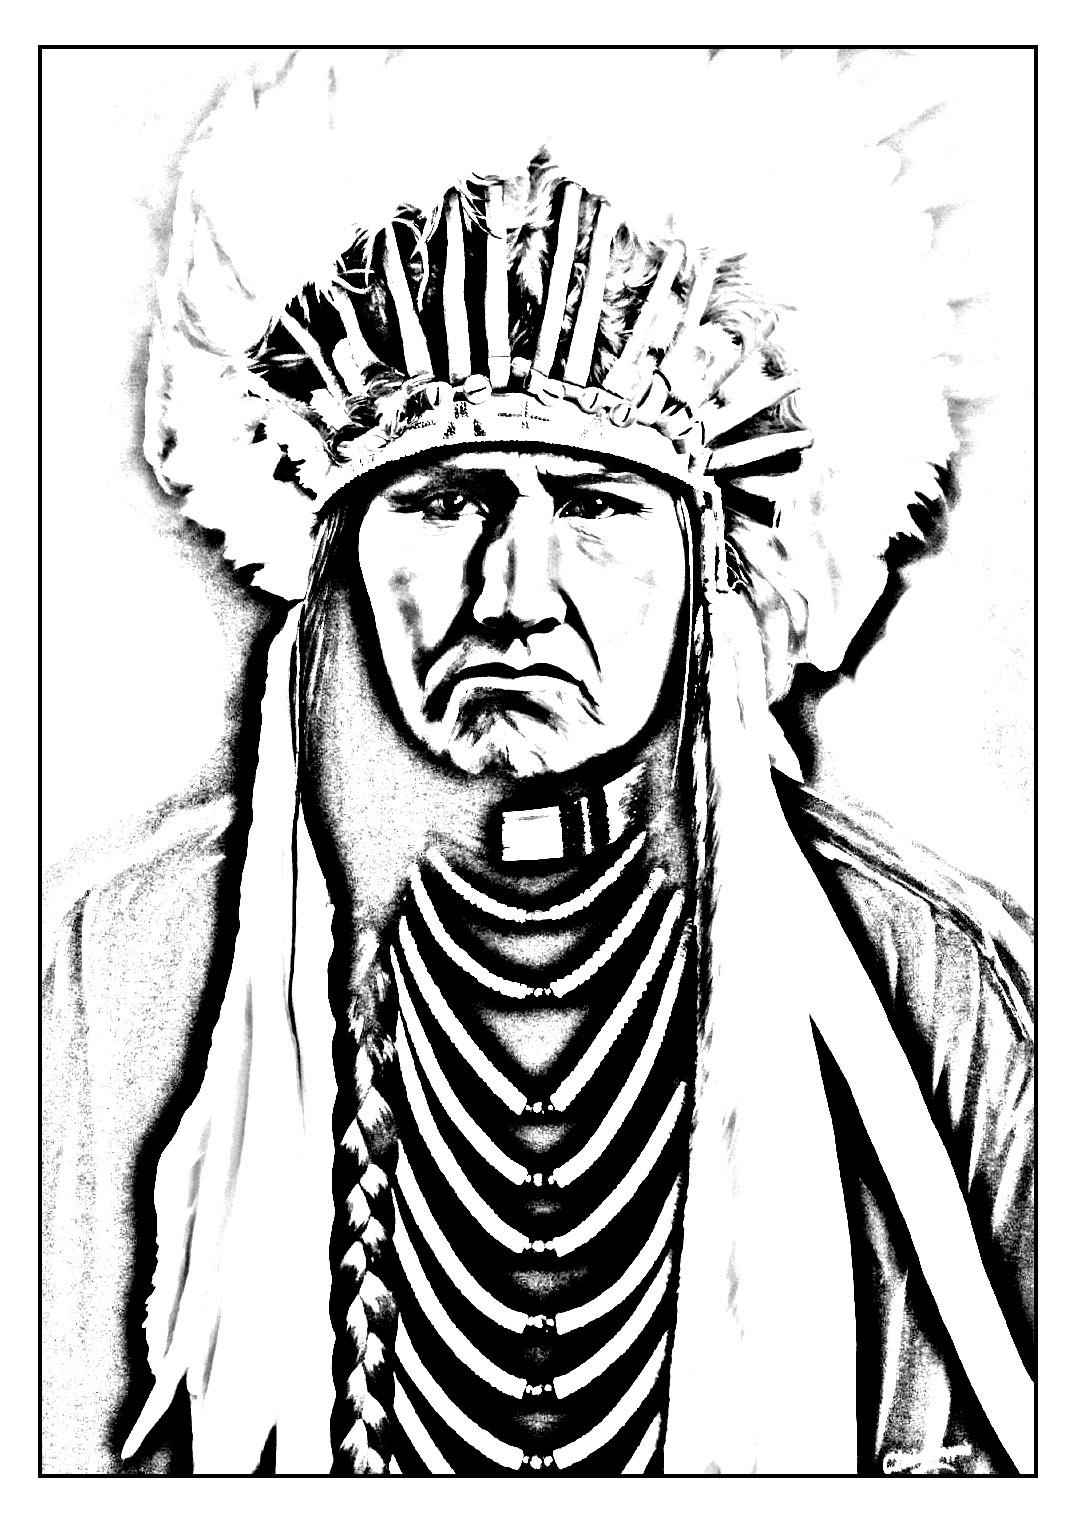 Disegni da colorare per adulti : Indiano dAmerica - 11